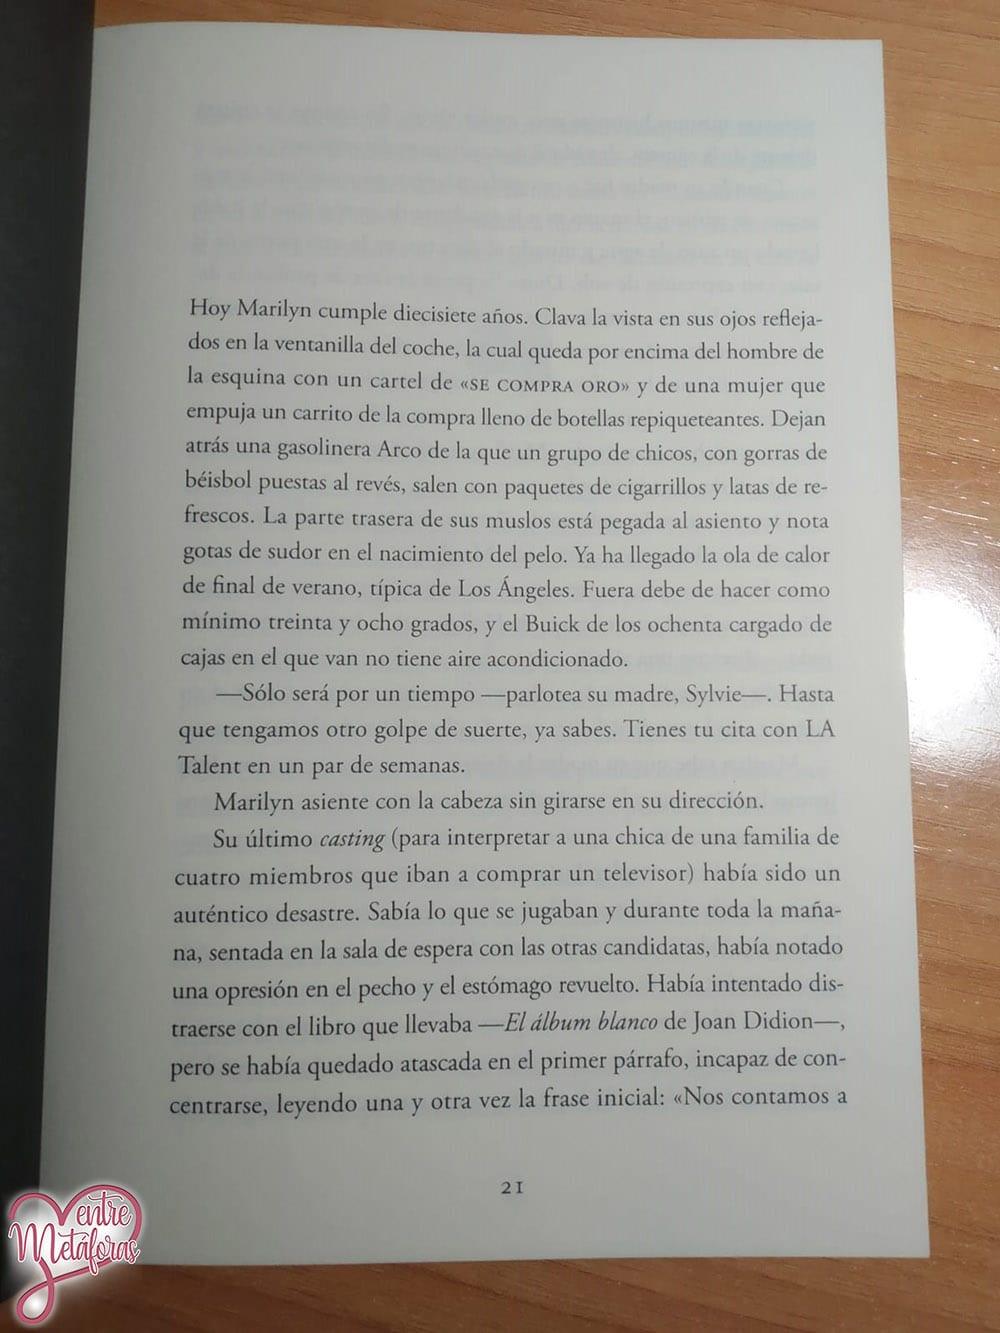 17 años, de Ava Dellaira - Reseña